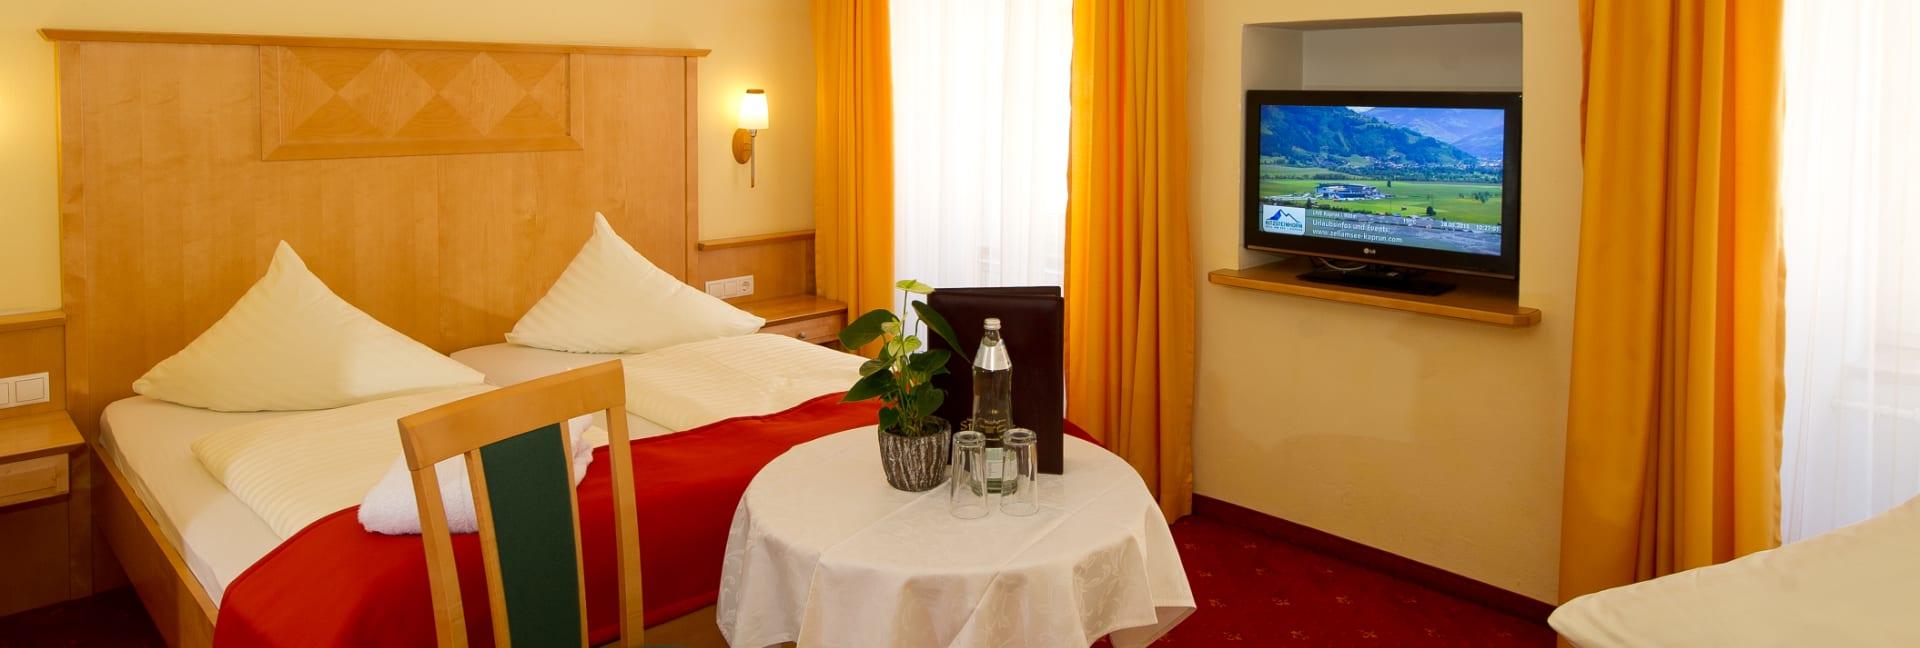 Hotel Zimmer in Radstadt - Stegerbräu